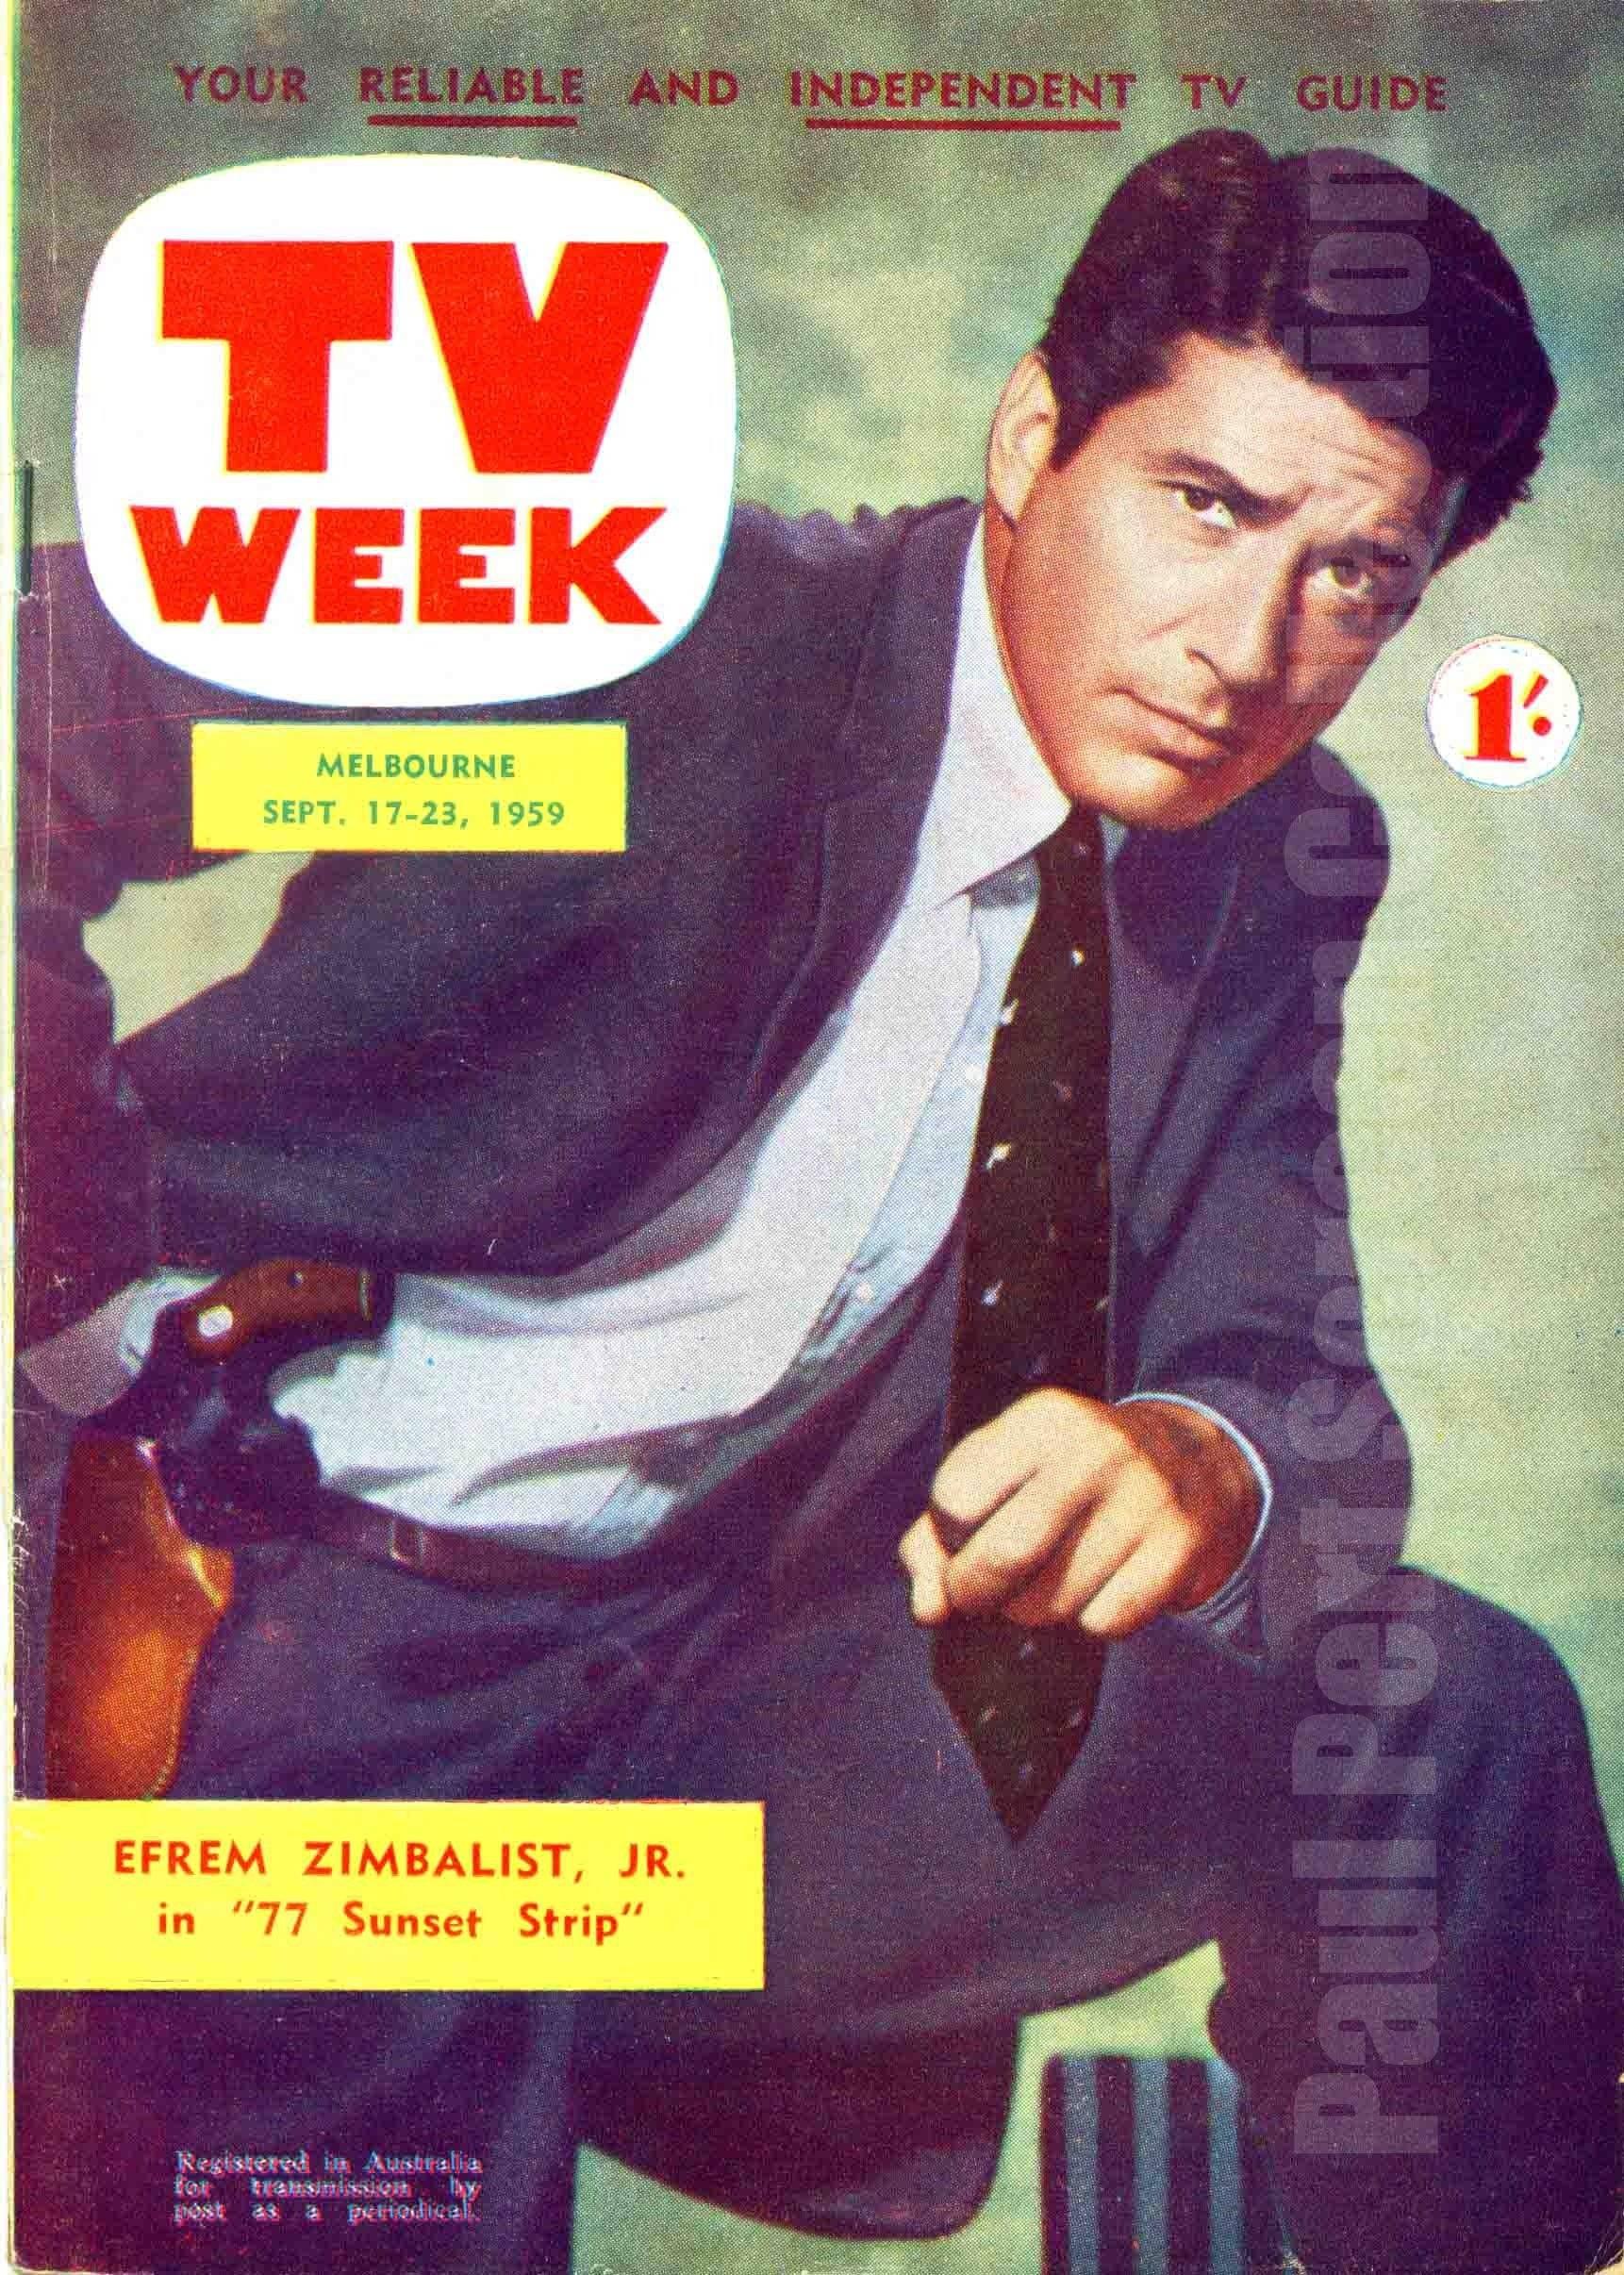 77 Sunset Strip - Efrem Zimbalist Jr.